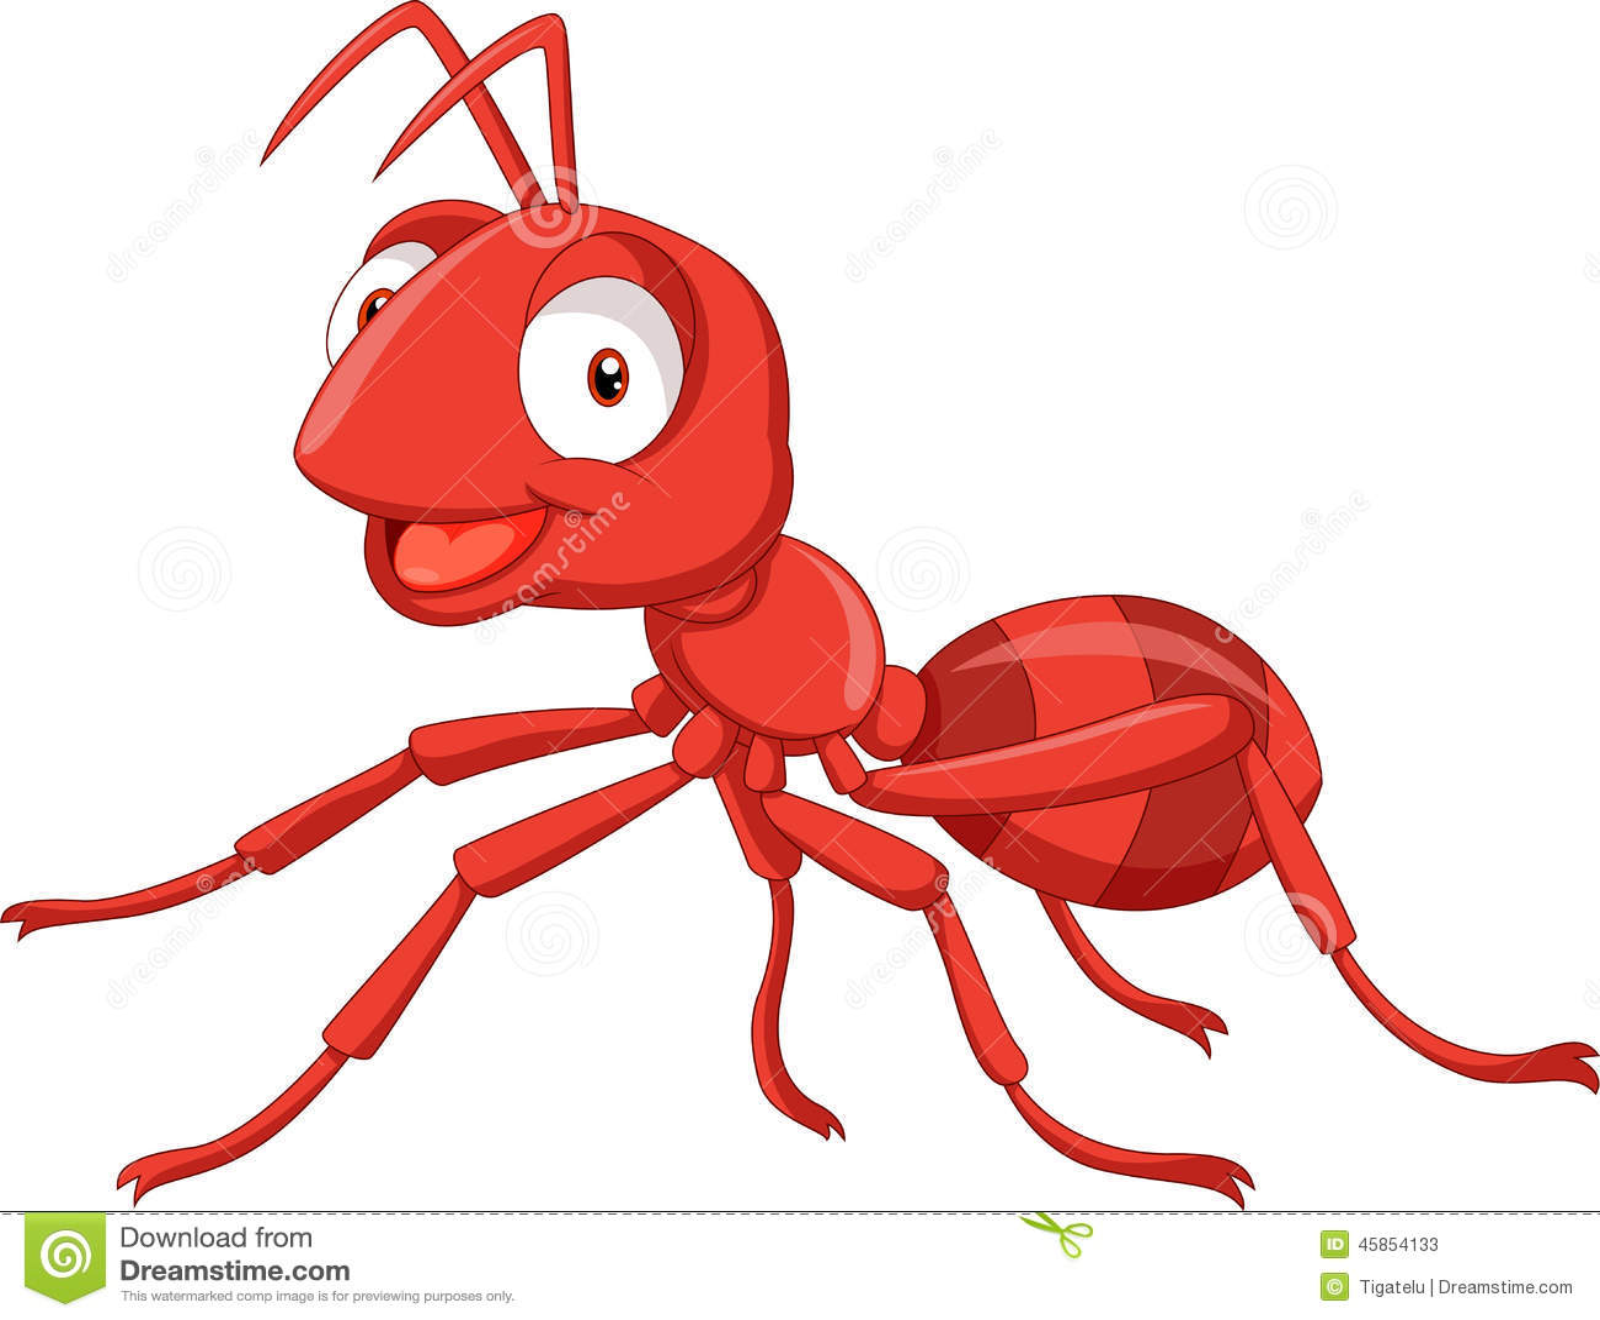 Fourmi rouge stock illustrations vecteurs clipart 1 538 stock illustrations - Fourmi rouge et tamanoir ...